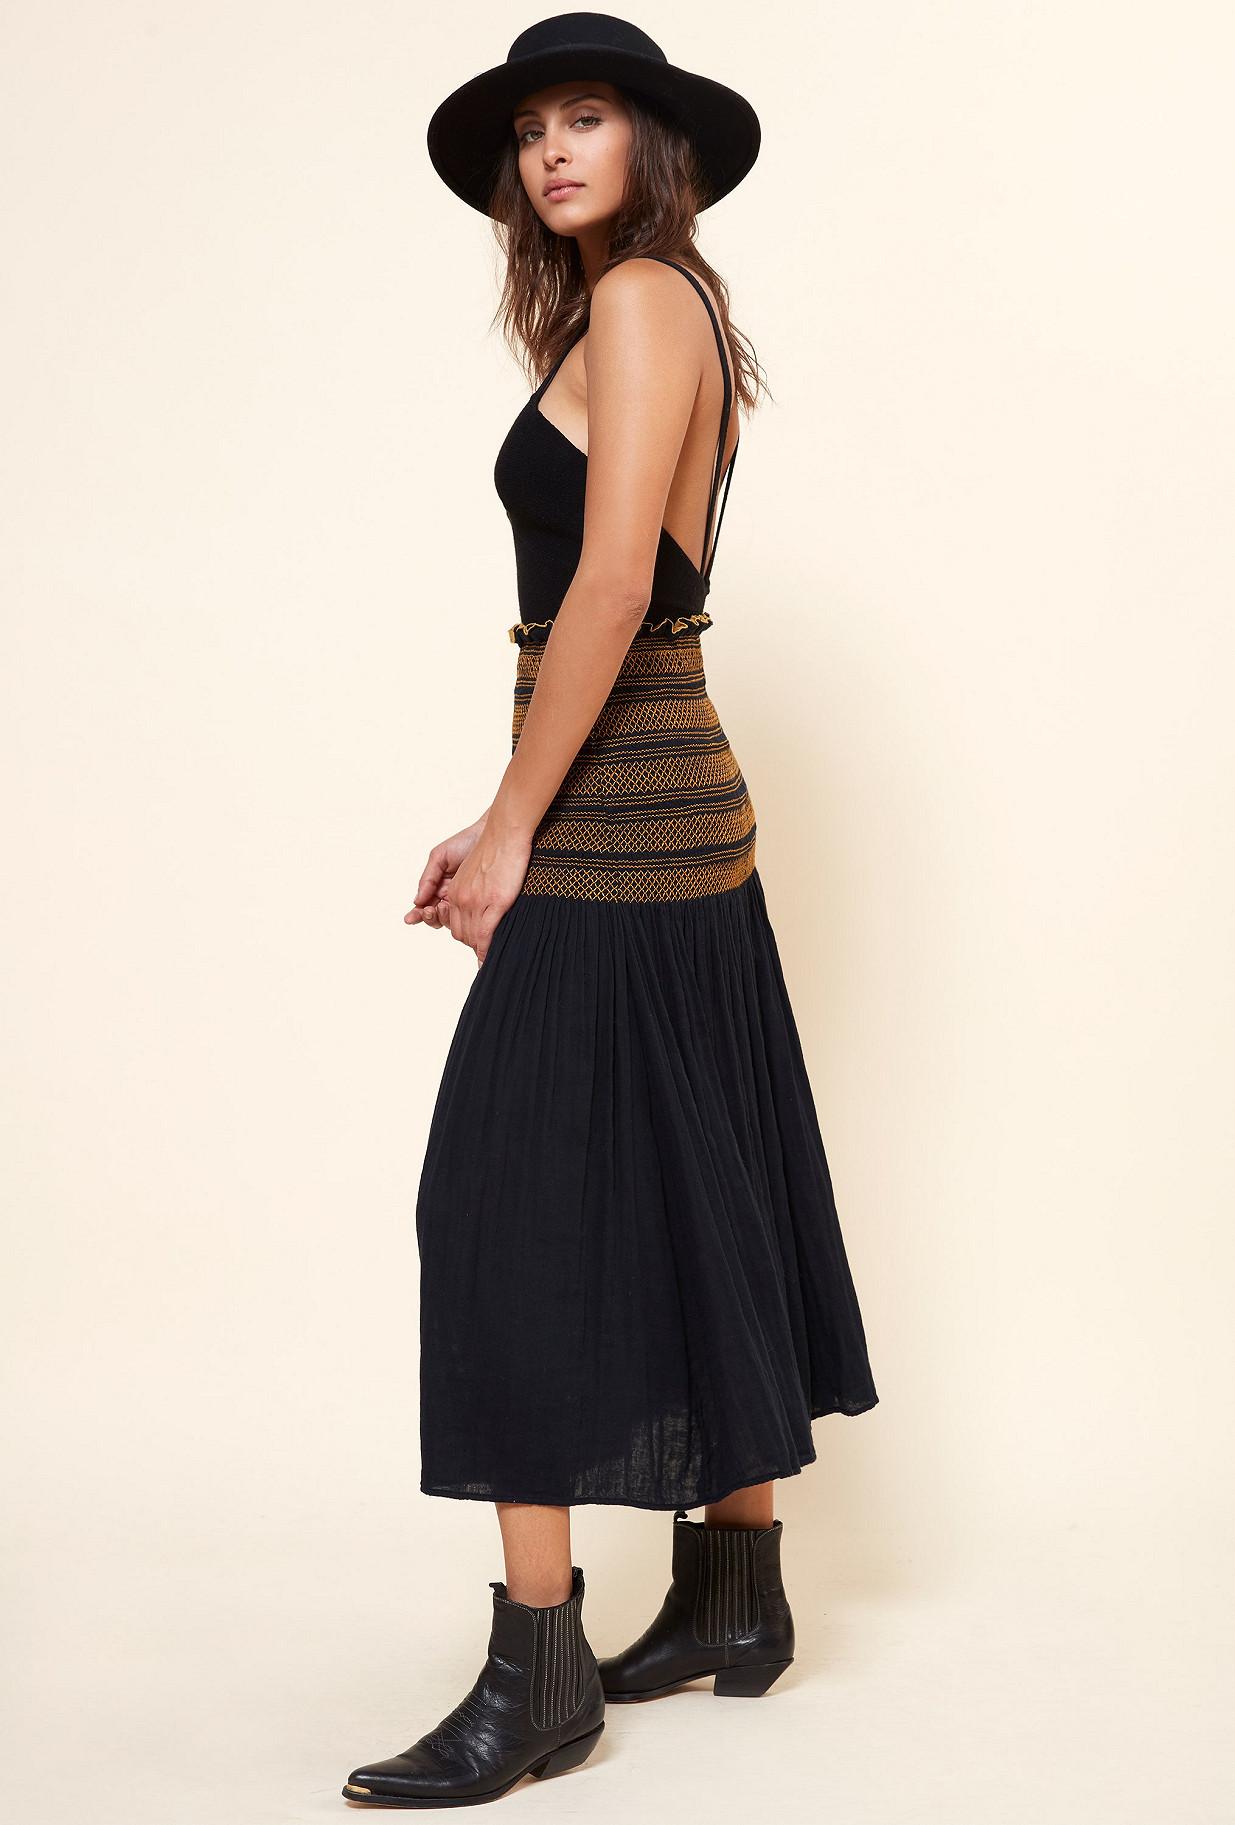 Paris boutique de mode vêtement Jupe créateur bohème  Toinette